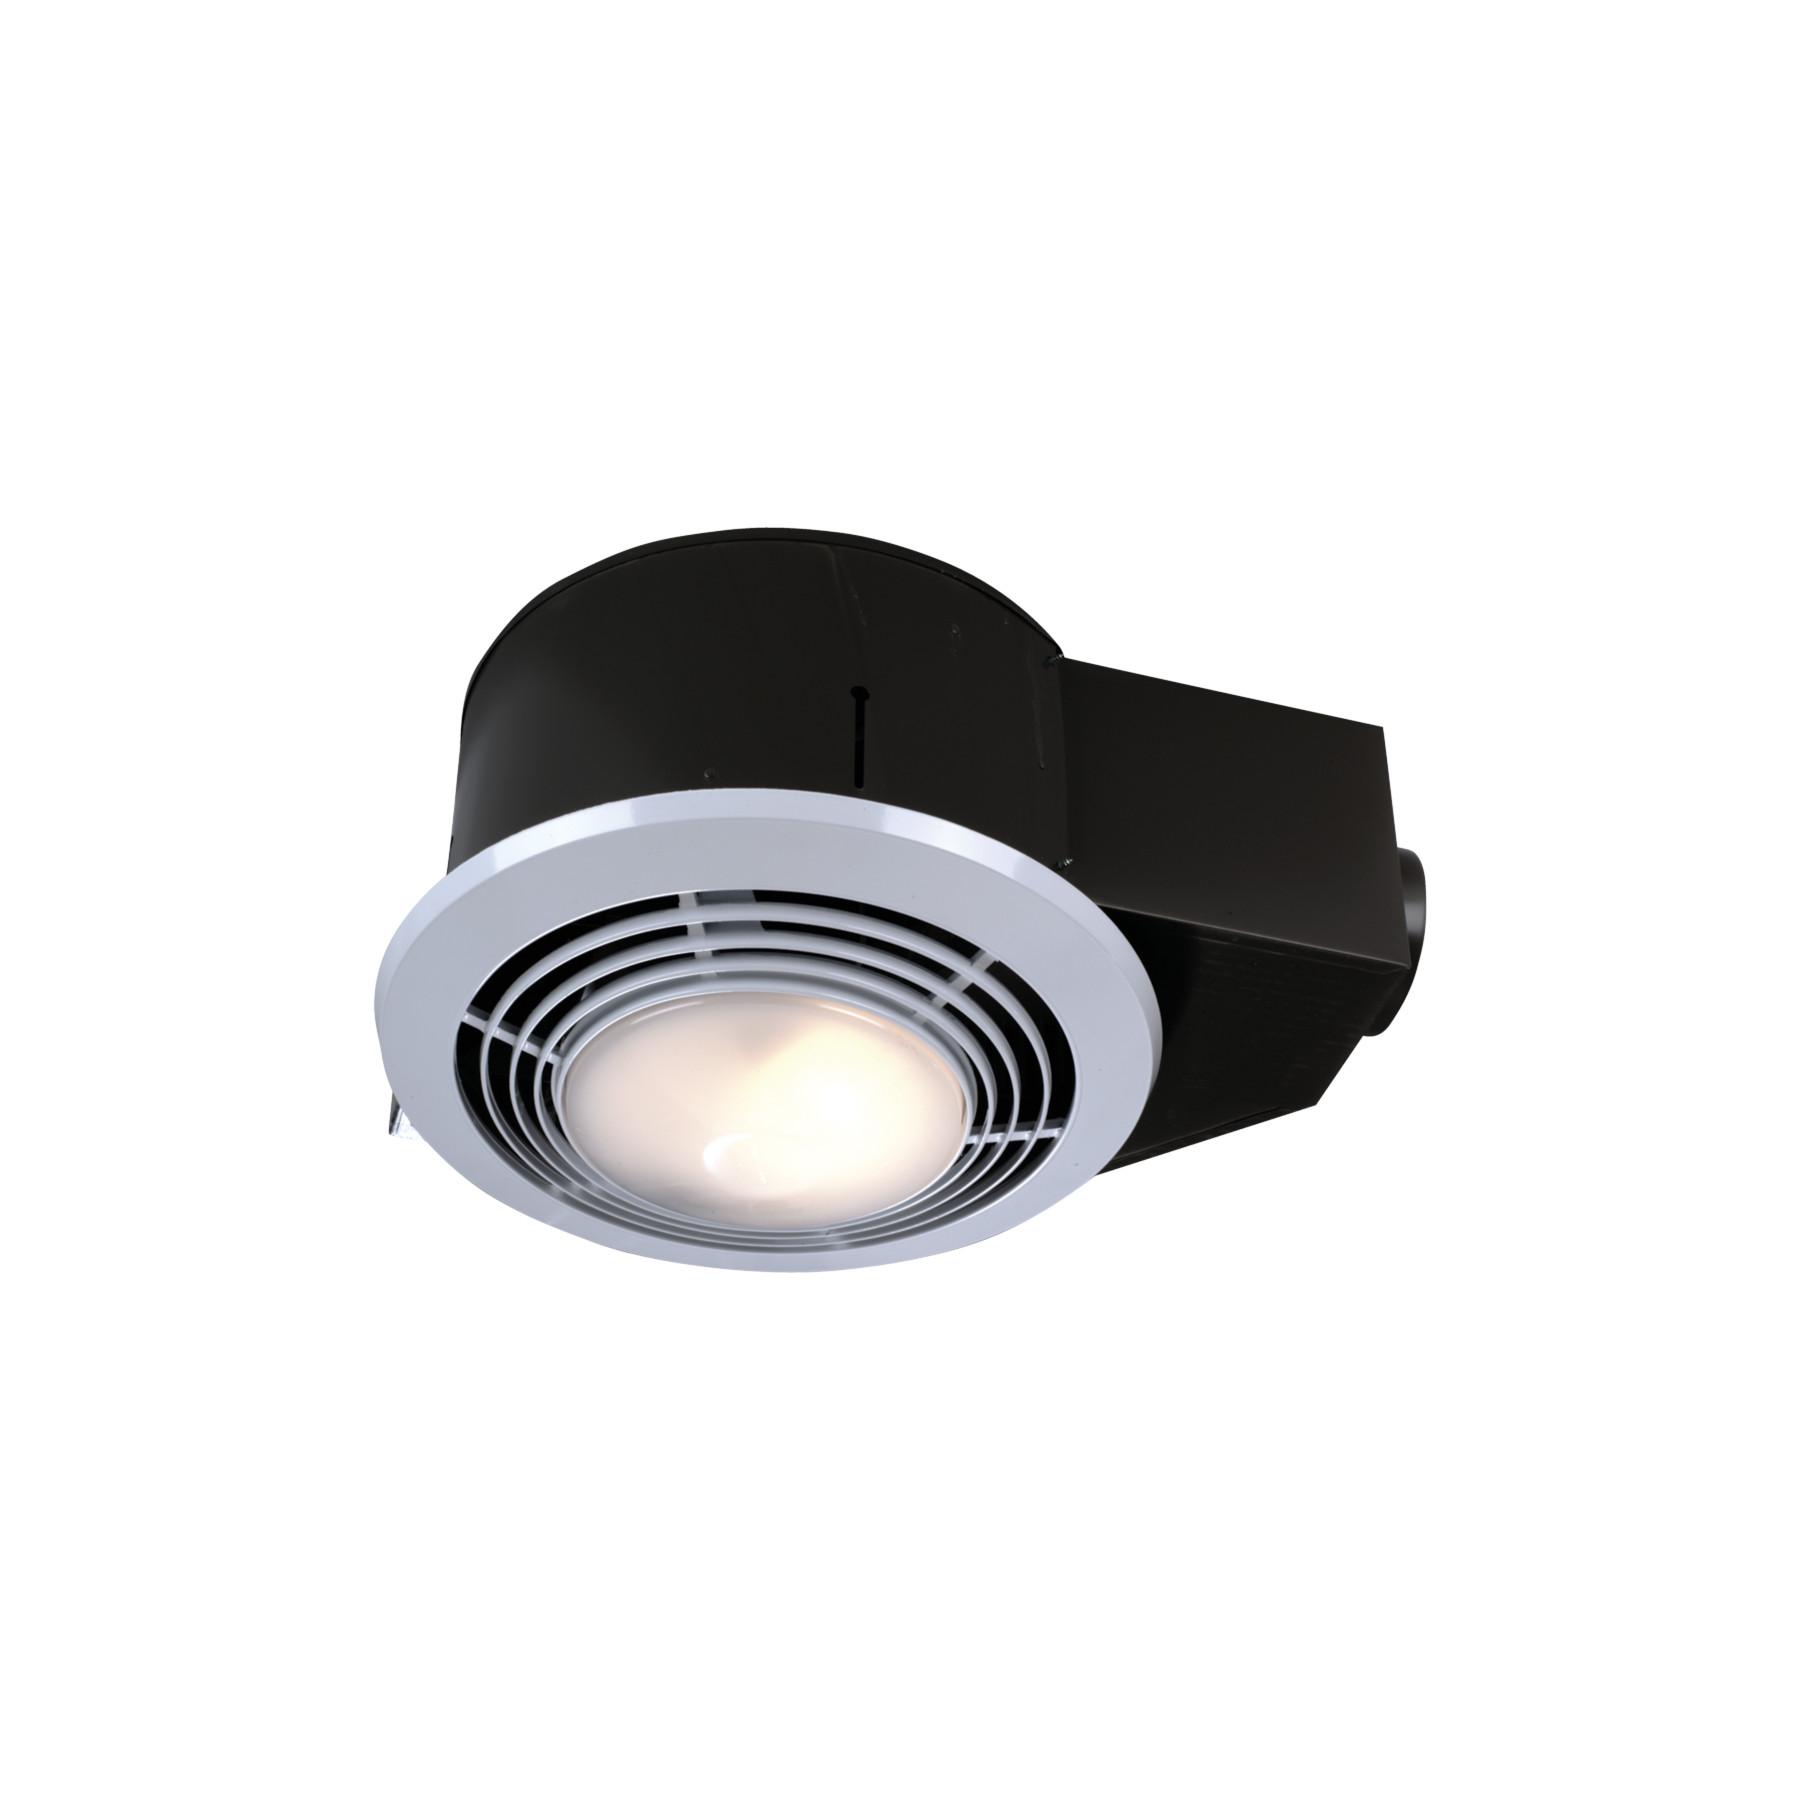 Nutone 110 Cfm Heater Ventilation Fan, Bathroom Vent Heater Light Combo